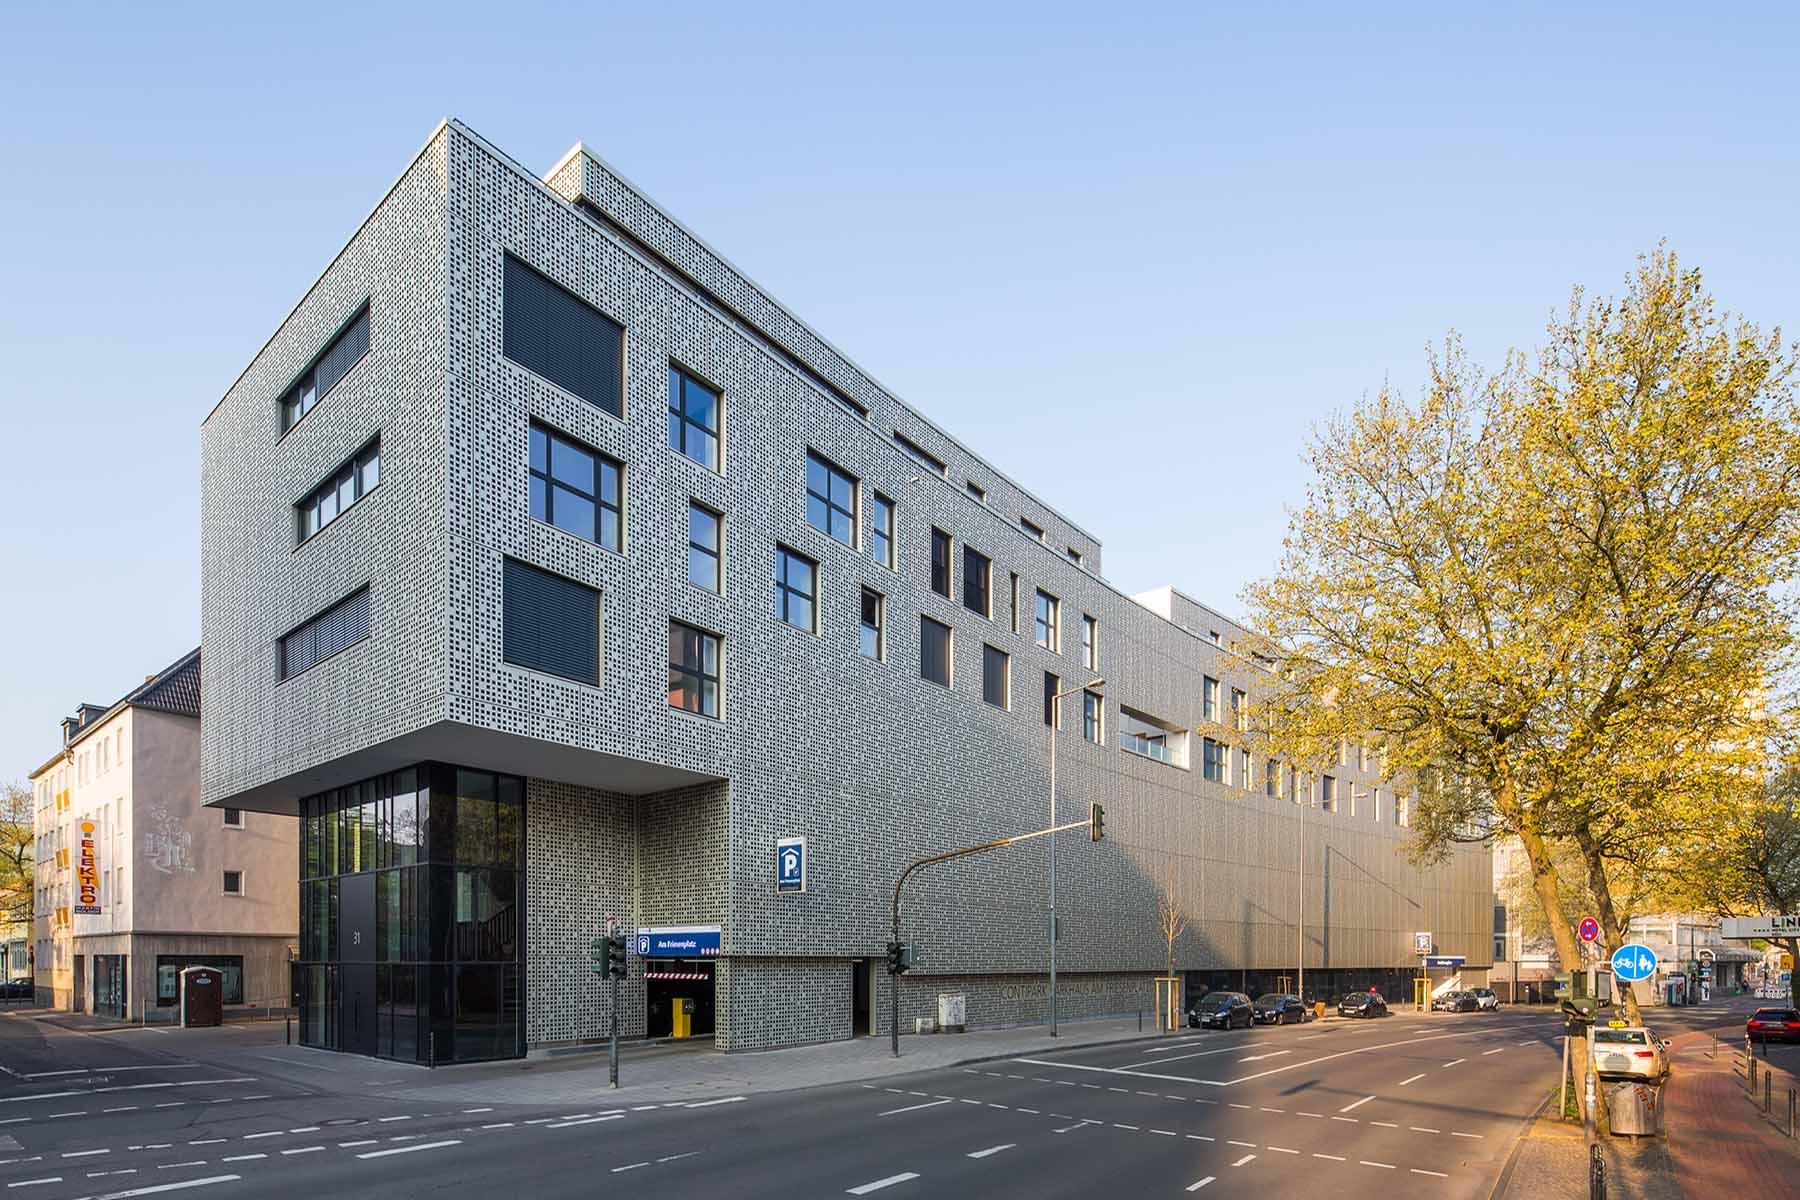 Landschaftsarchitekten Köln das hybrid haus köln deutschland the link auf reisen mit